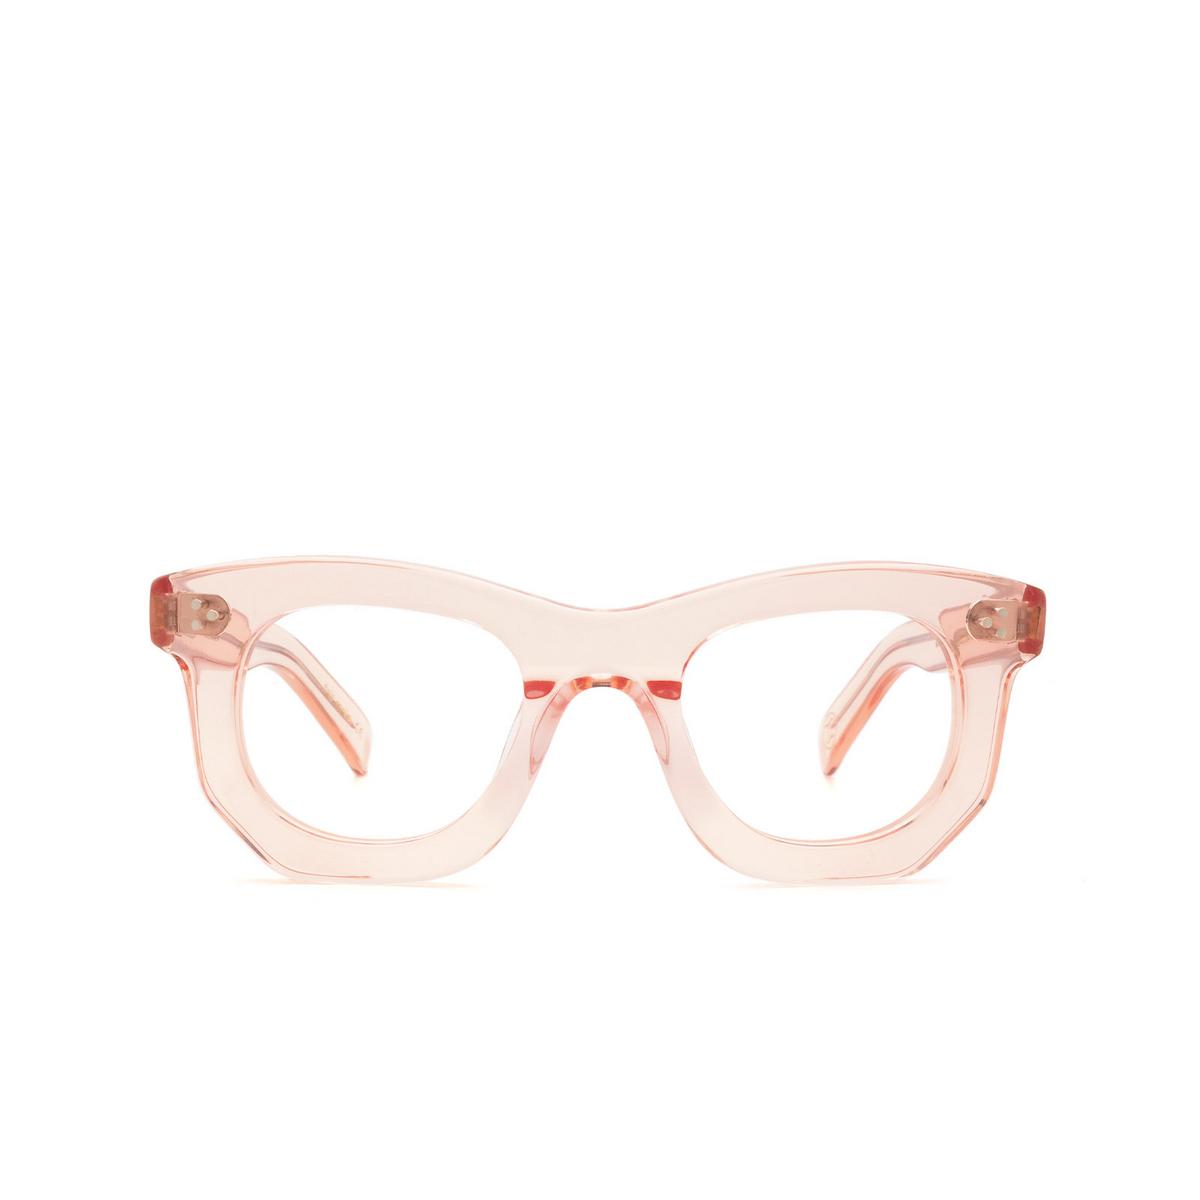 Lesca® Irregular Eyeglasses: Ogre color Pink Rose - front view.